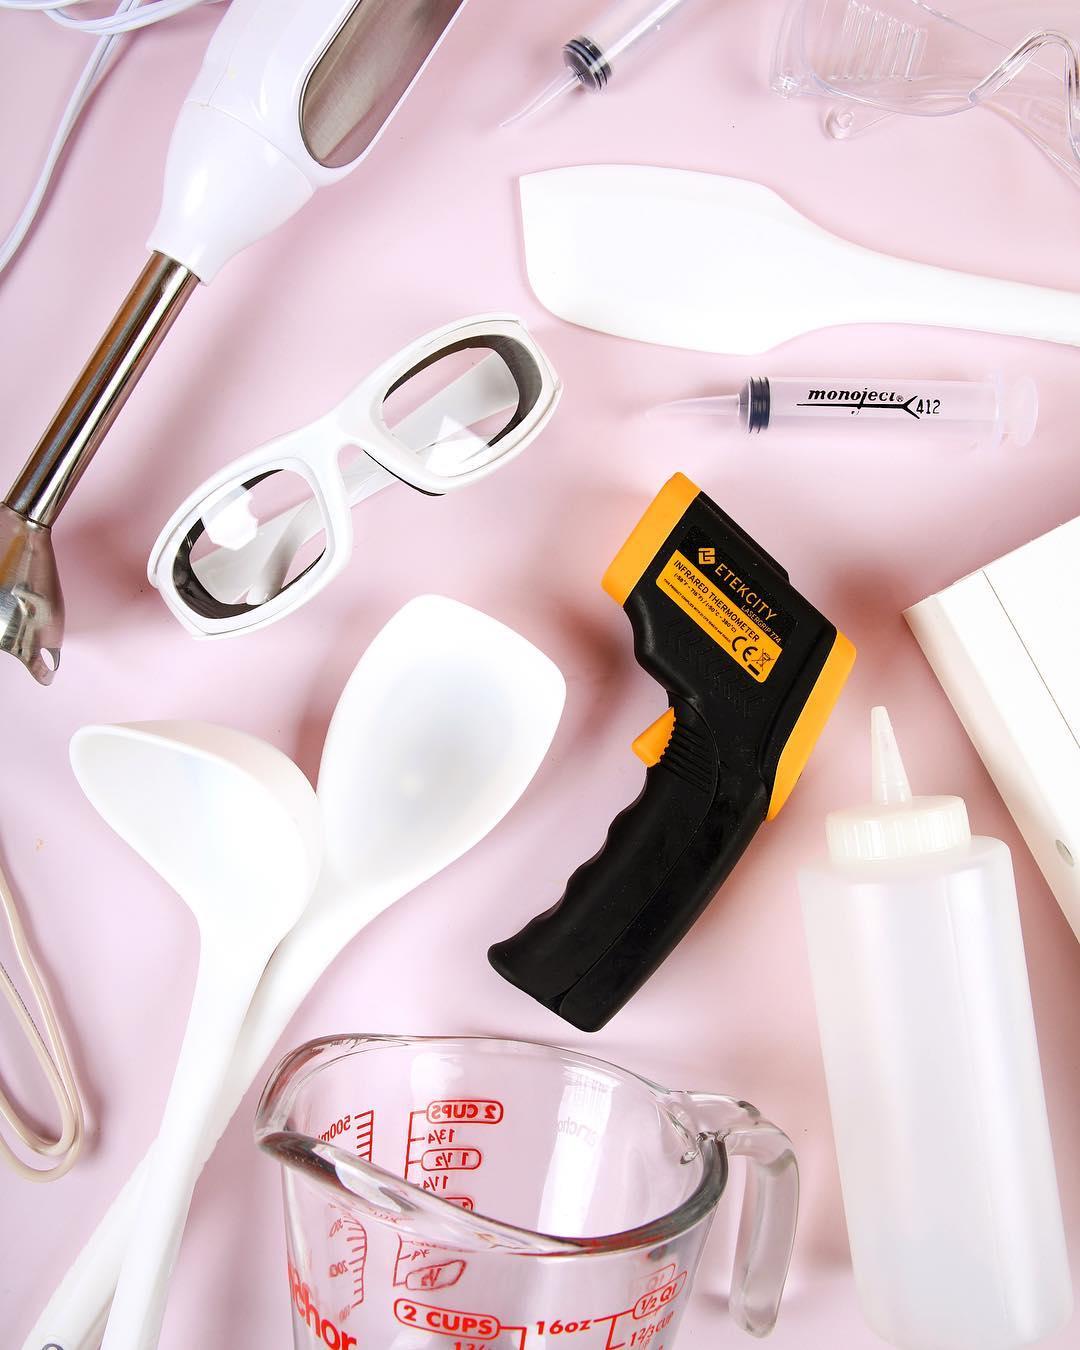 art0119 make soap at home tools